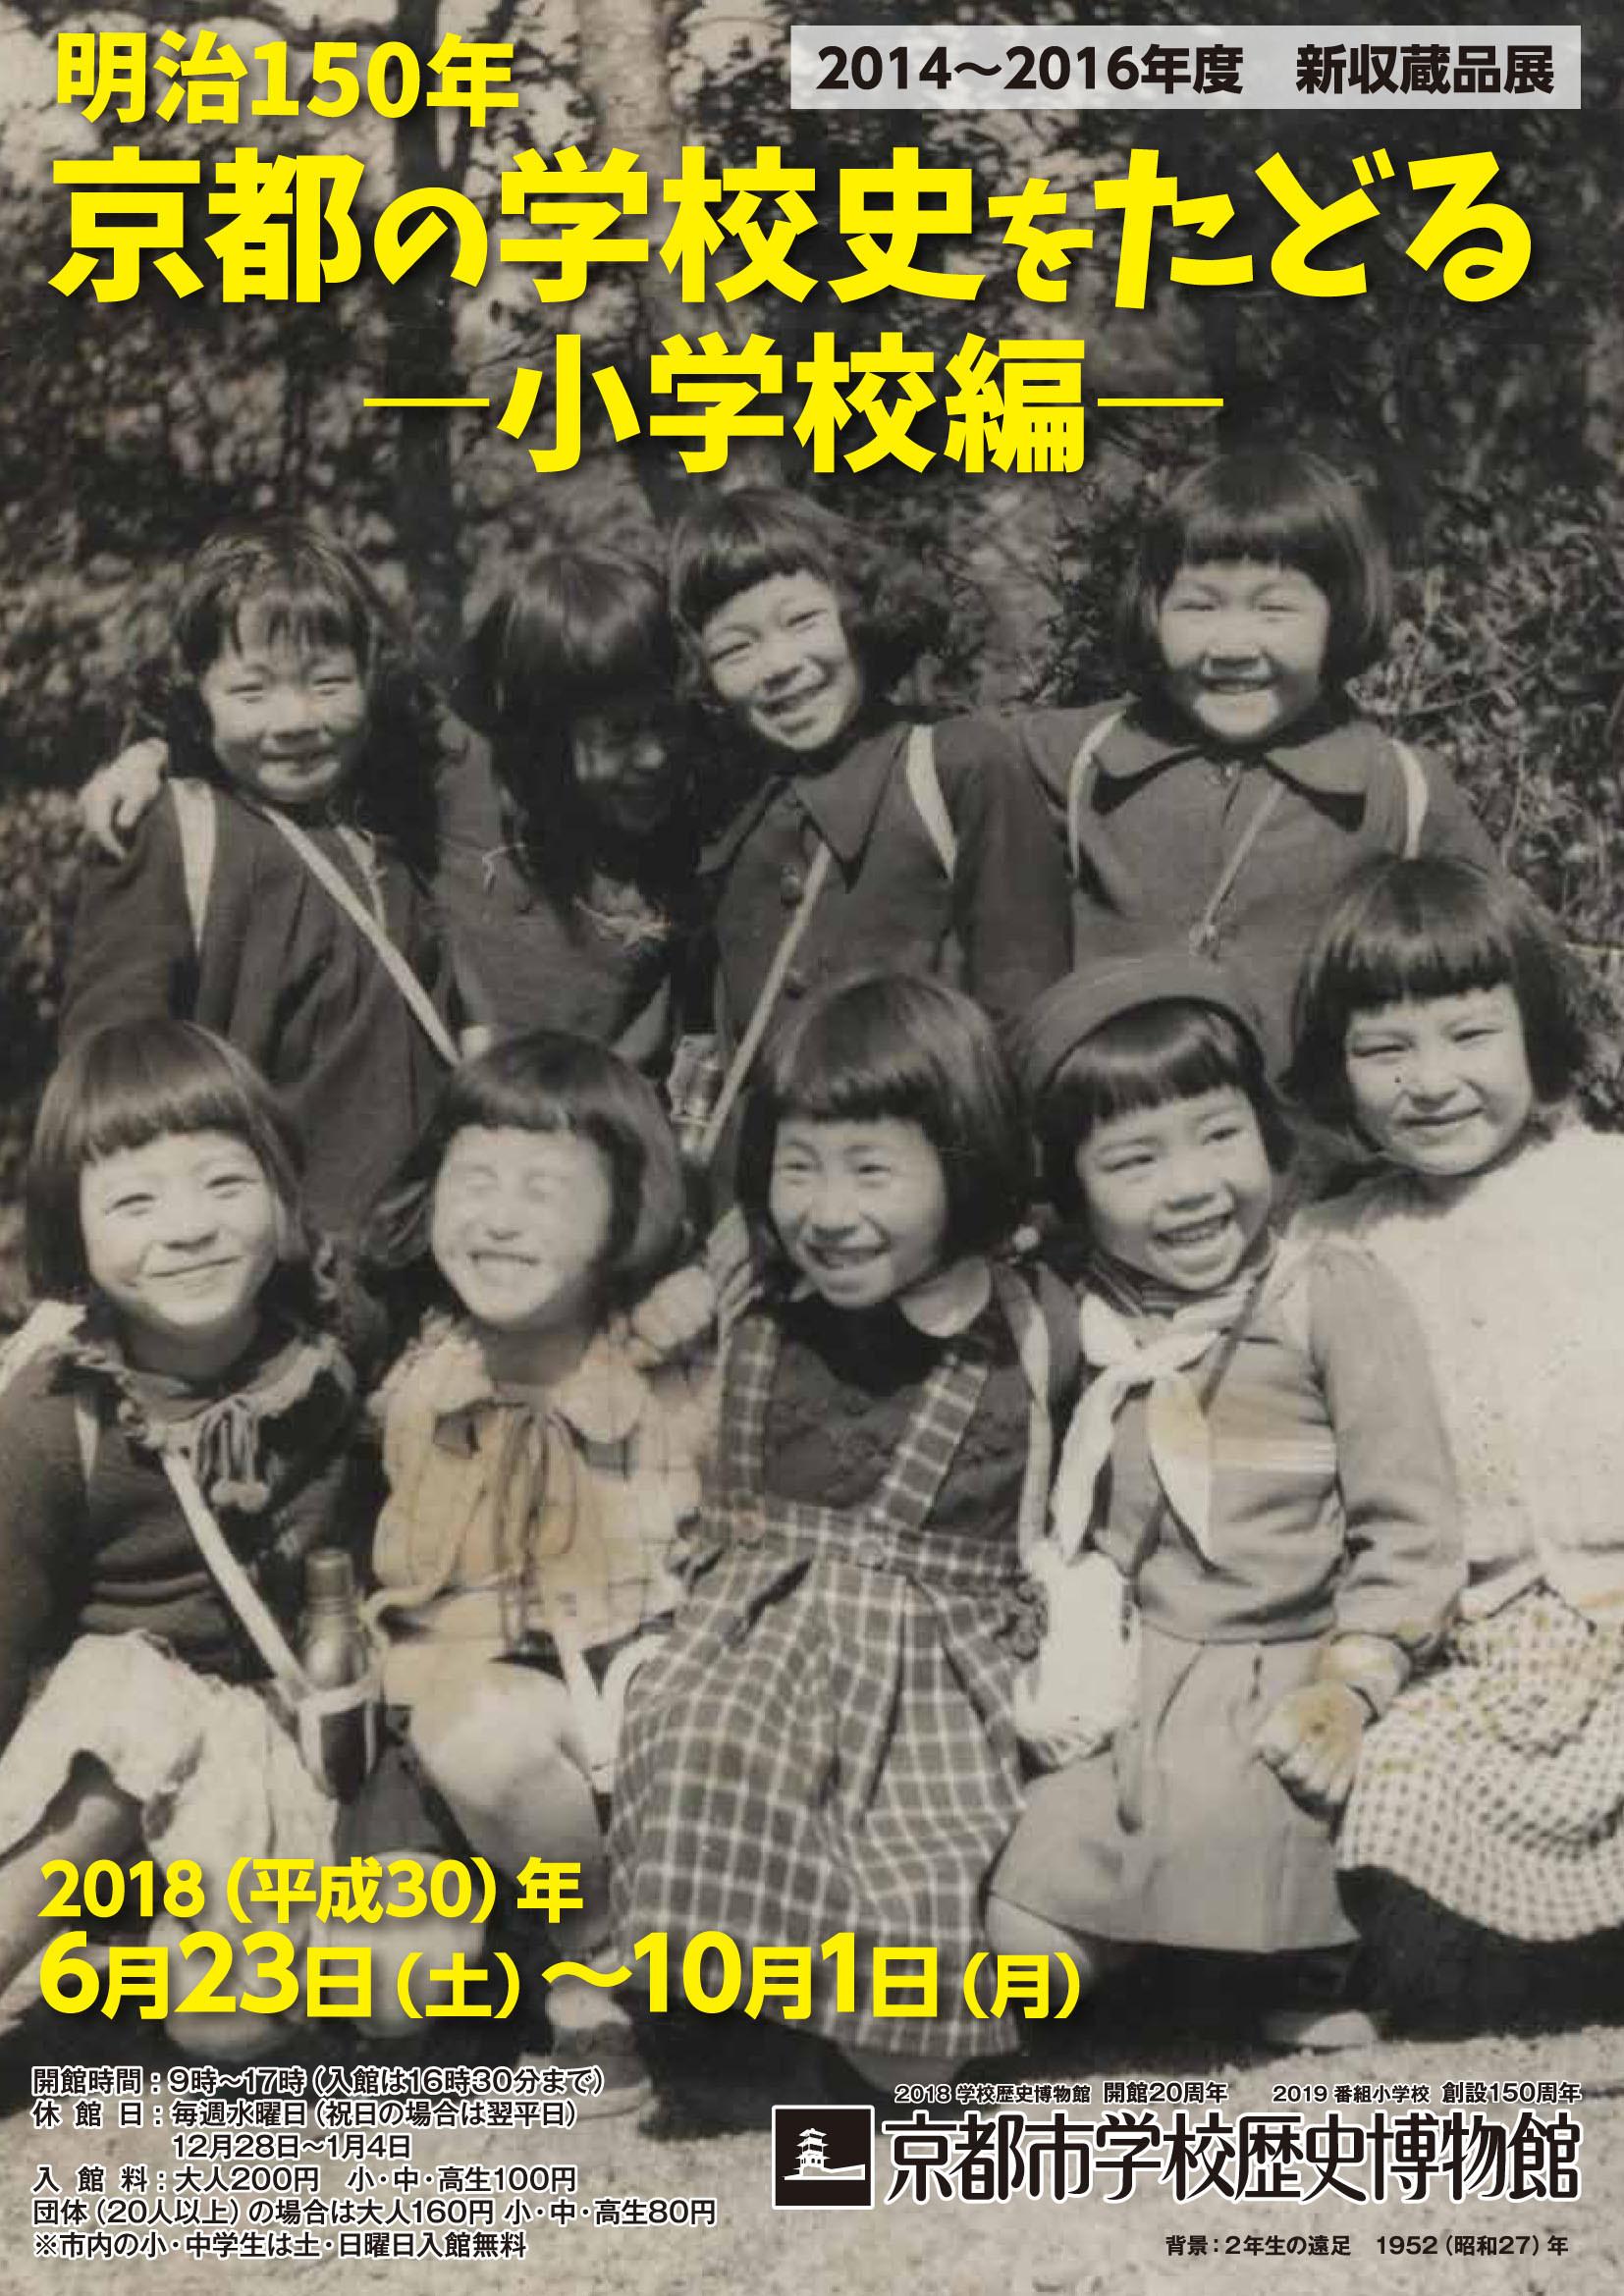 新収蔵品展 ☆★☆  京都の学校史をたどる――小学校編――